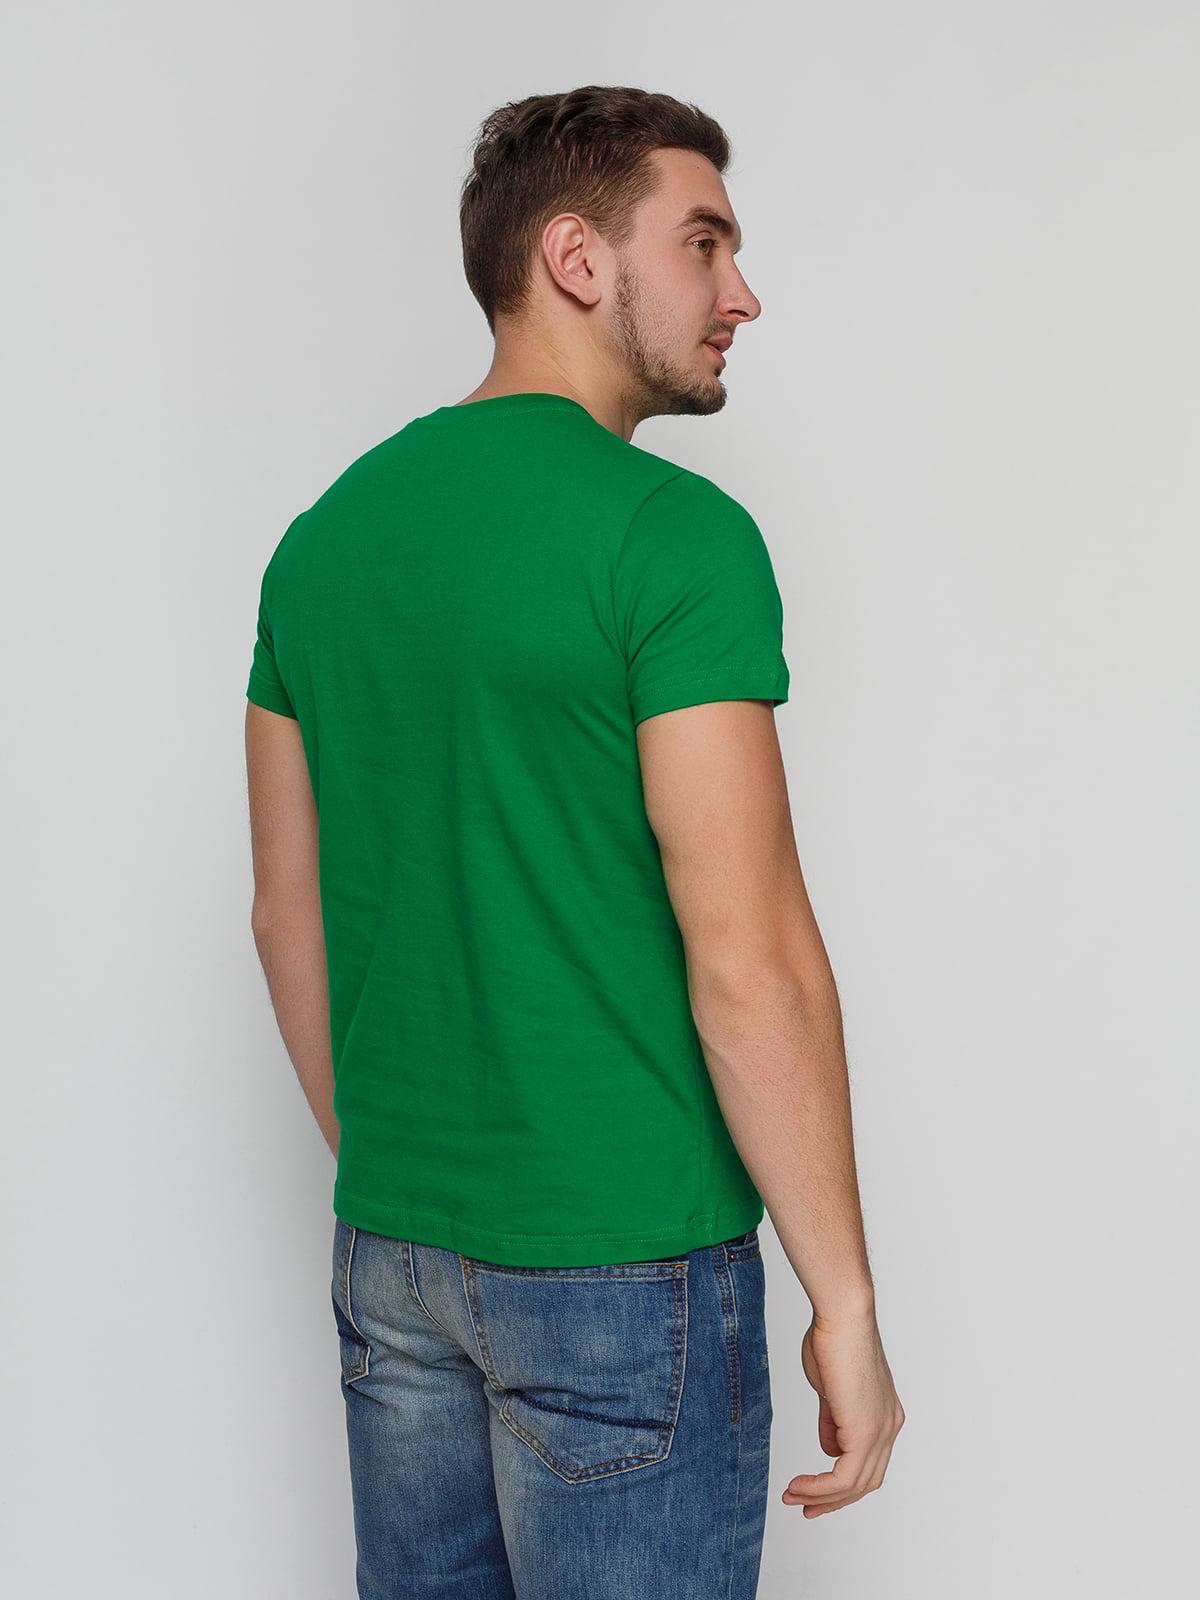 Футболка зелена з принтом | 4863555 | фото 2